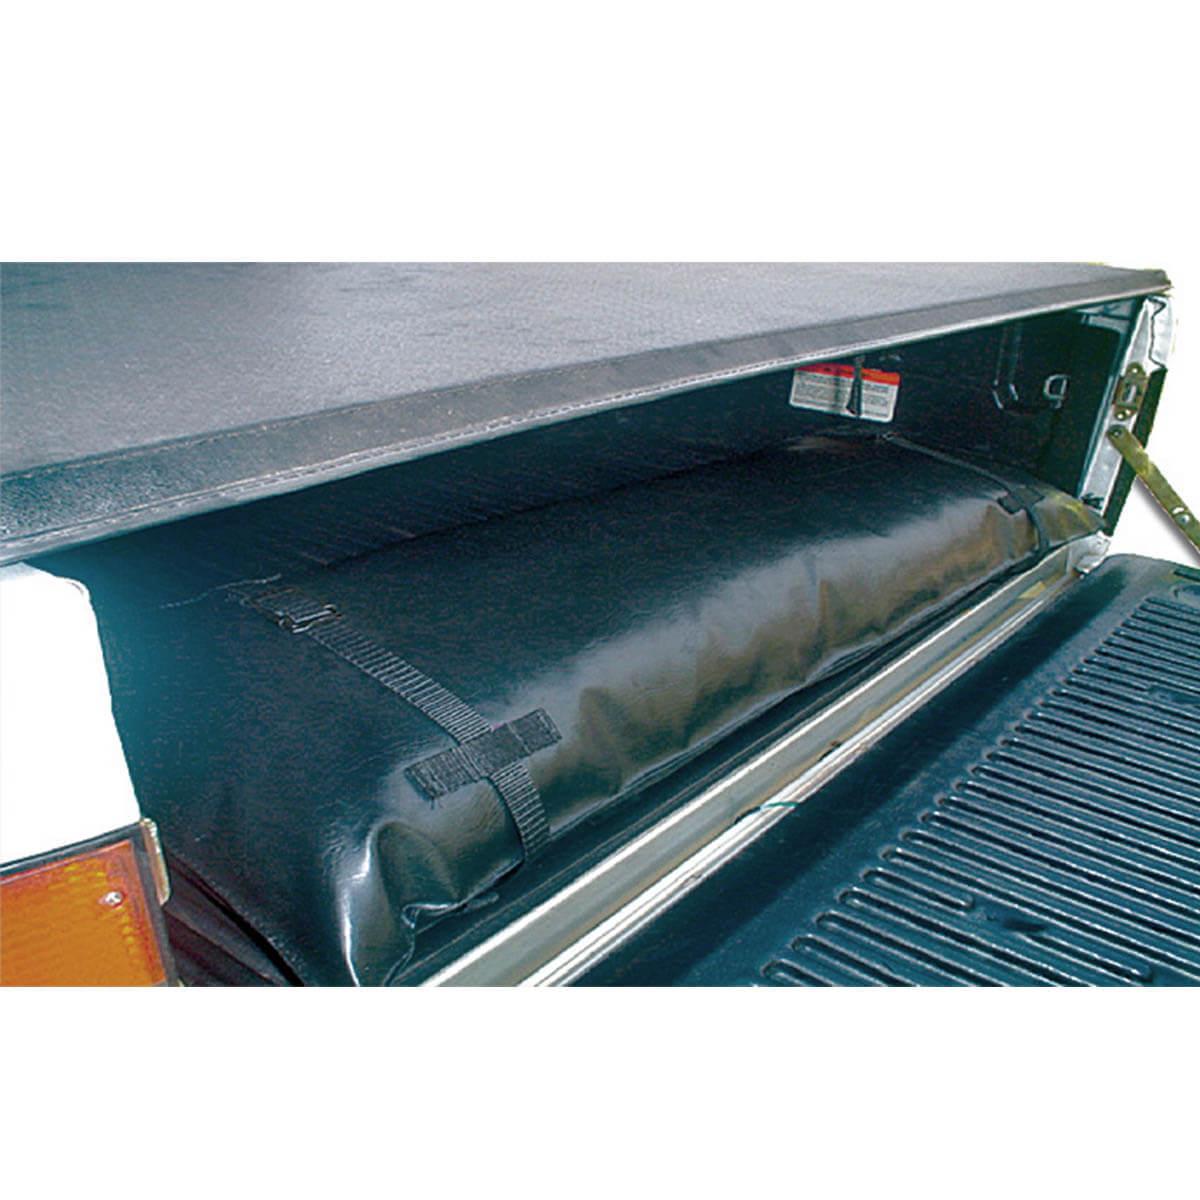 Saco de areia para caçamba L200 Sport 2004 a 2007 ou L200 Outdoor 2007 a 2012